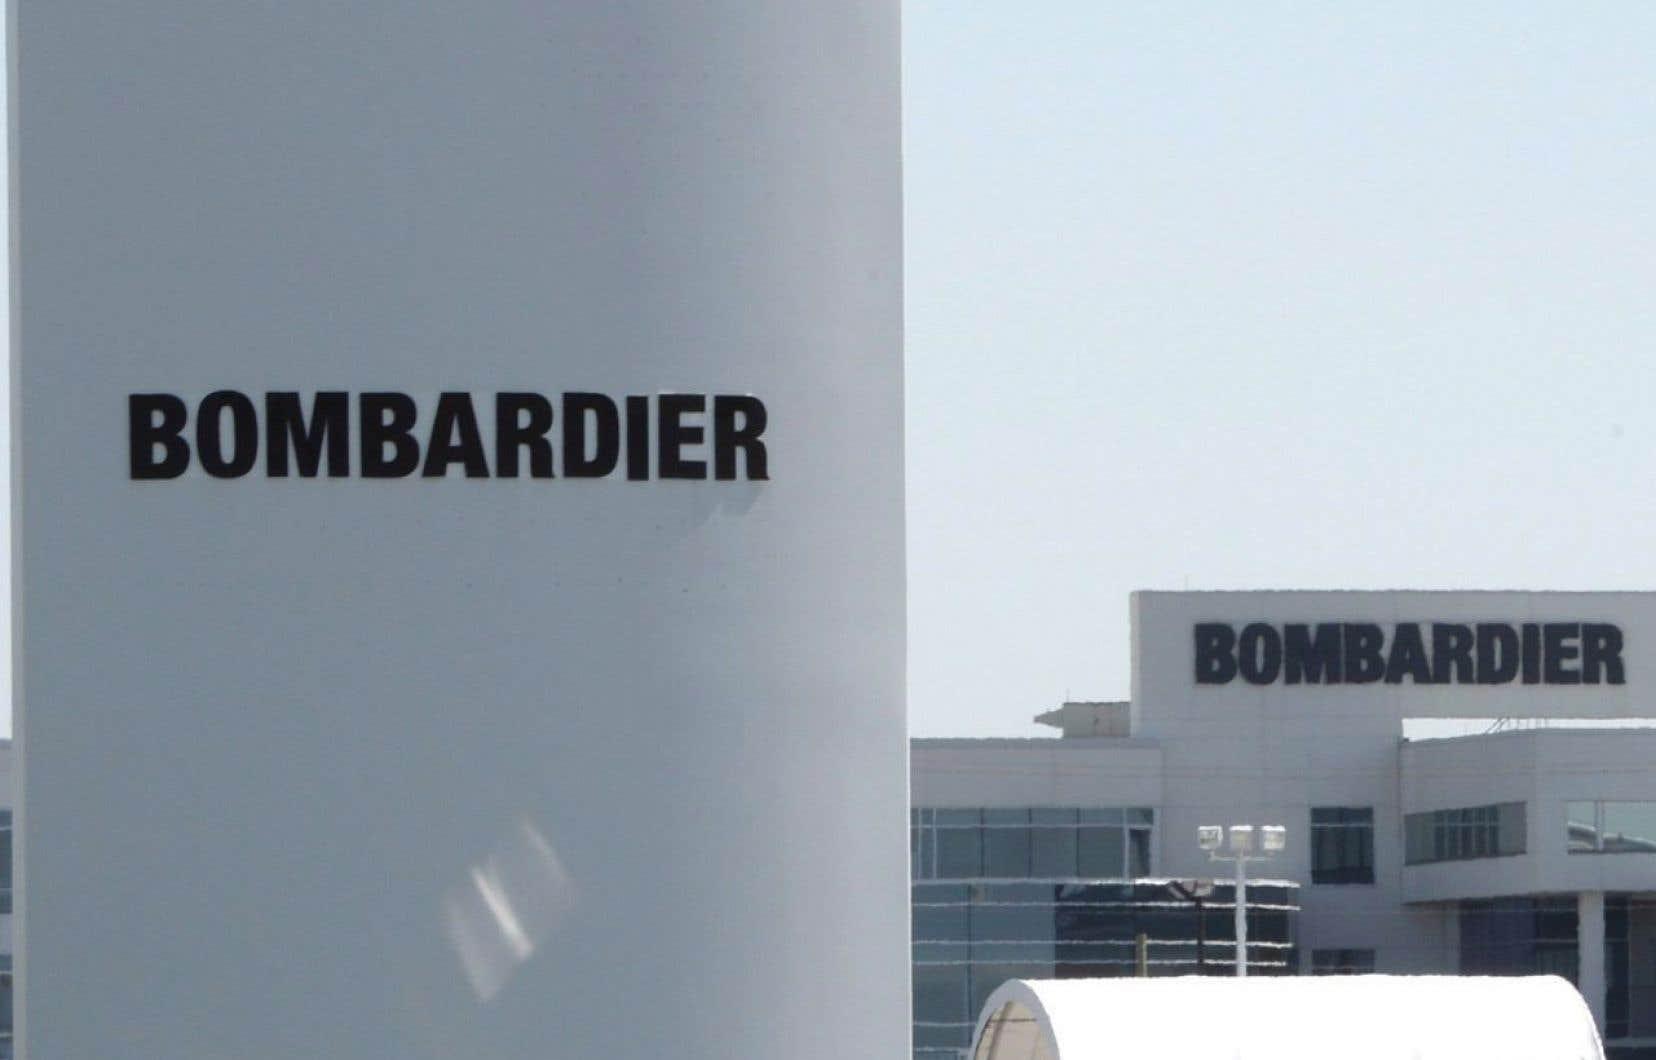 «Bombardier risque d'aller cogner aux portes des ministères pour obtenir encore plus de notre argent», mentionne l'auteur.